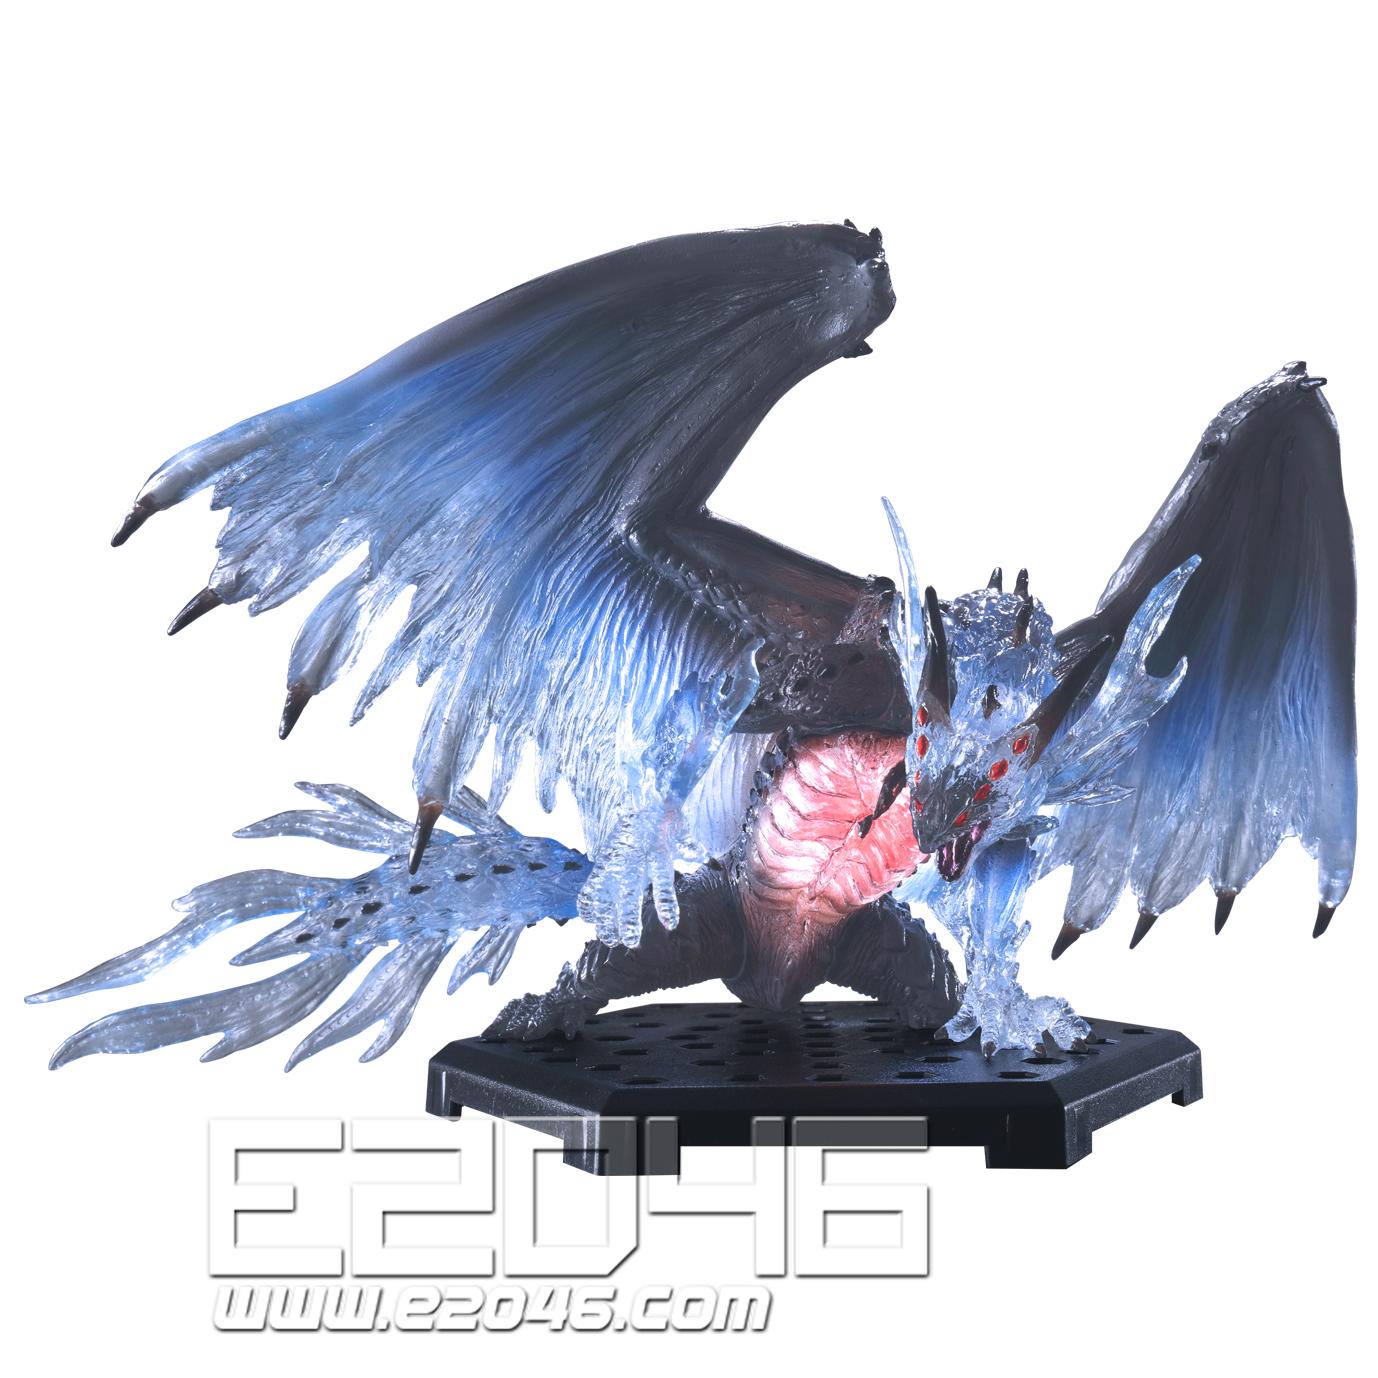 魔物獵人模型盒蛋 13 號套裝